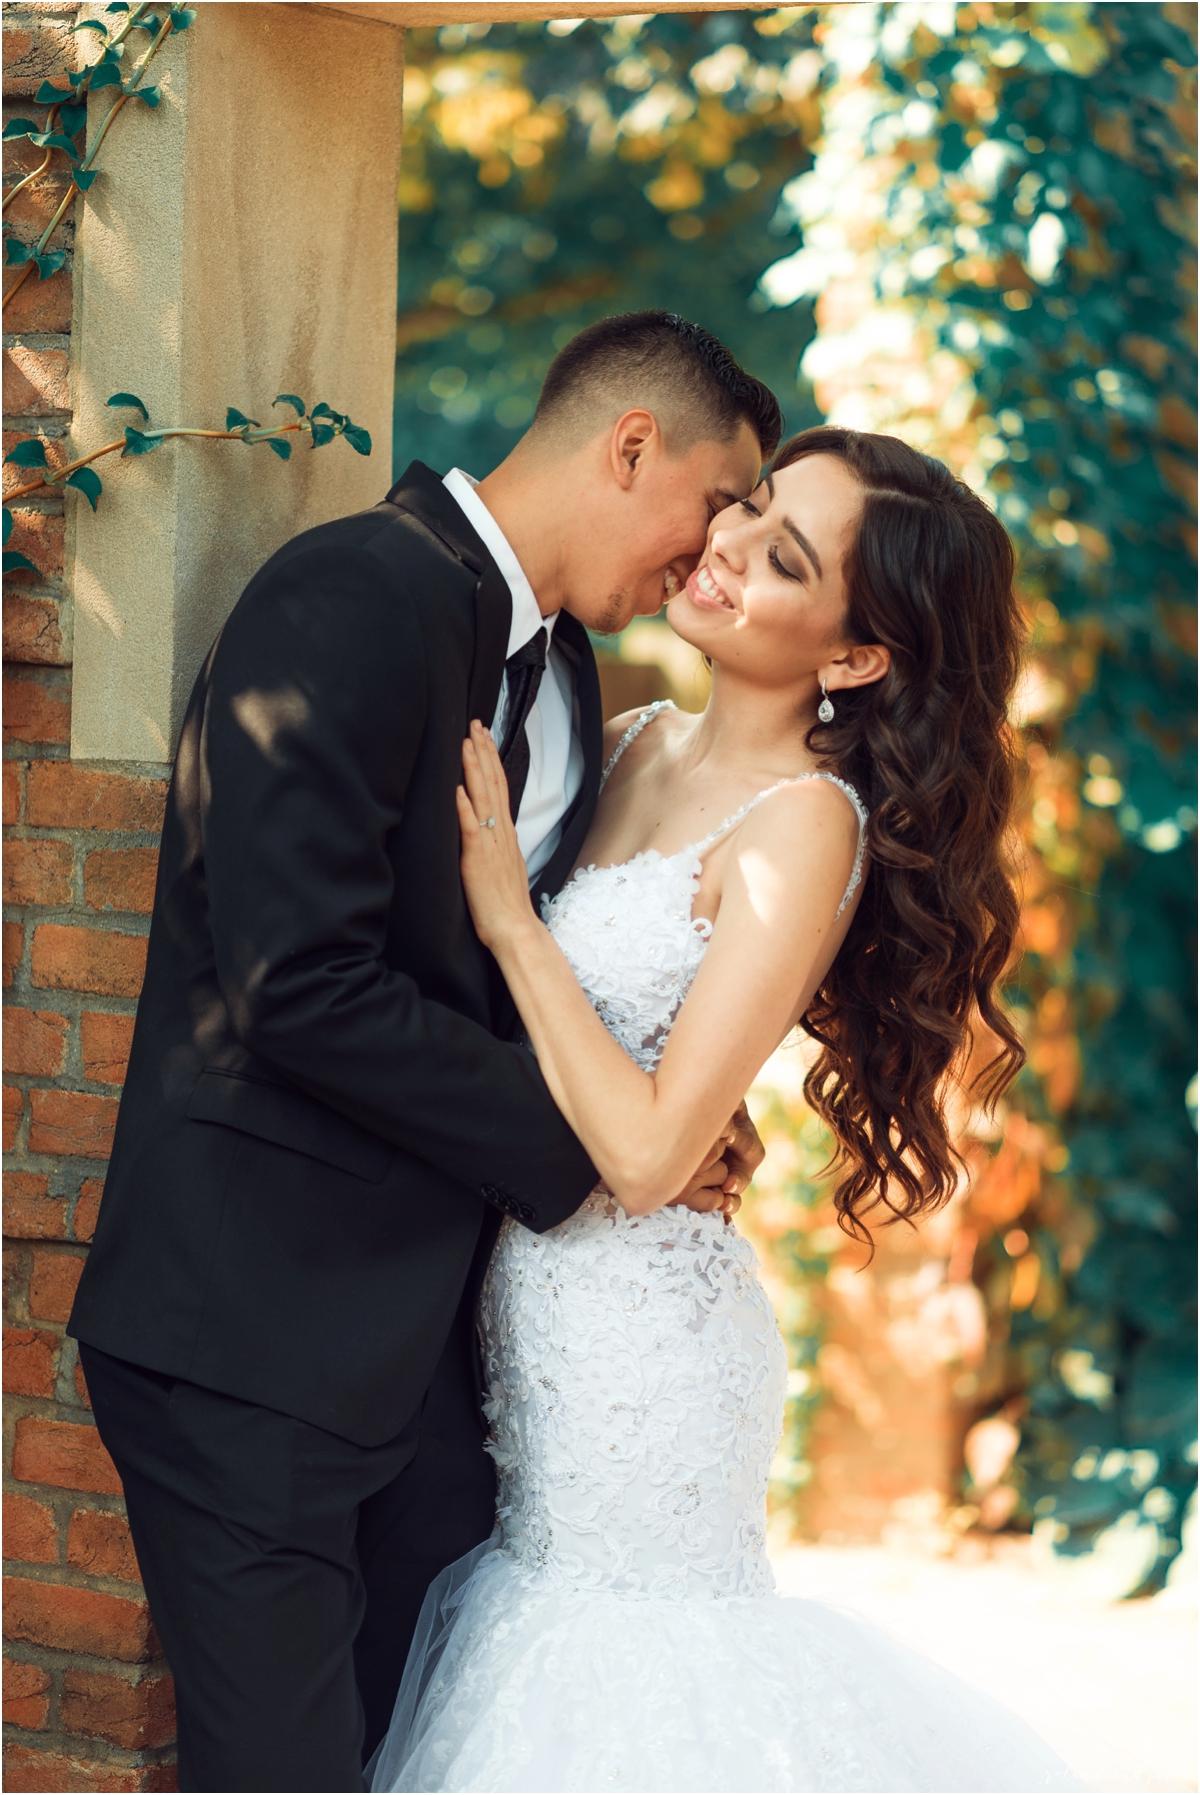 Mayra + Julian Chicago Botanic Garden Bridal Photography Chicago Wedding Photography Photographer10.jpg